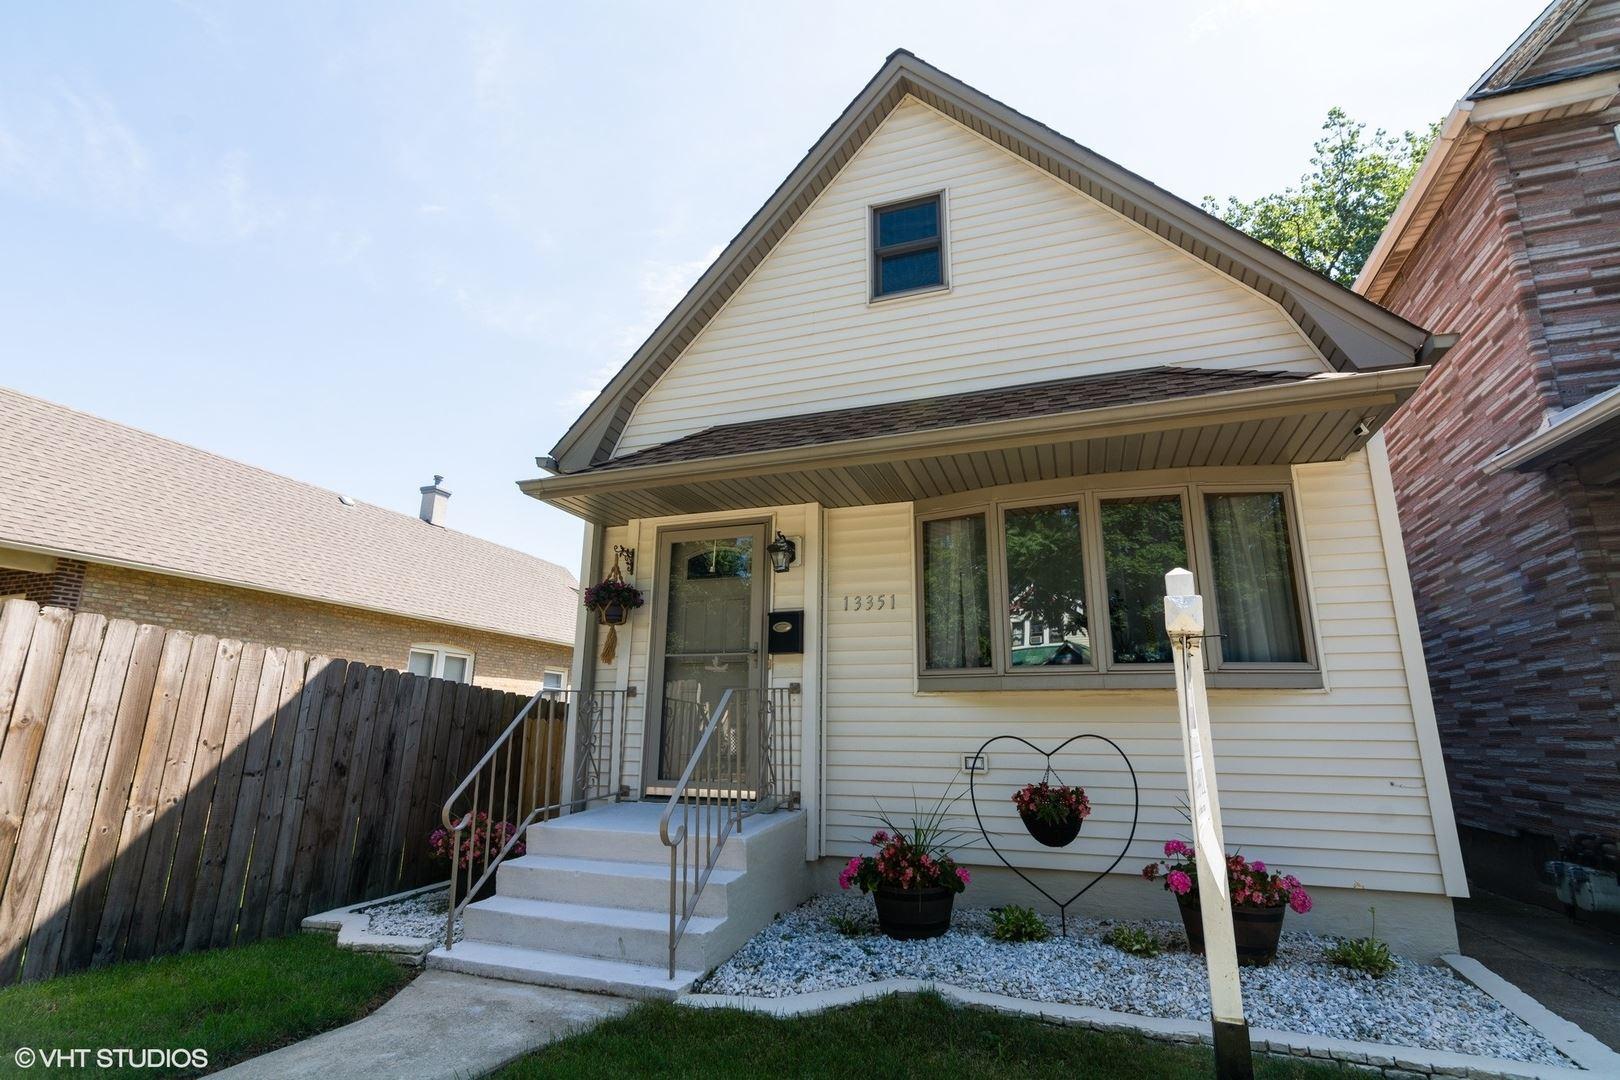 13351 S Carondolet Avenue, Chicago, IL 60633 - #: 10802047